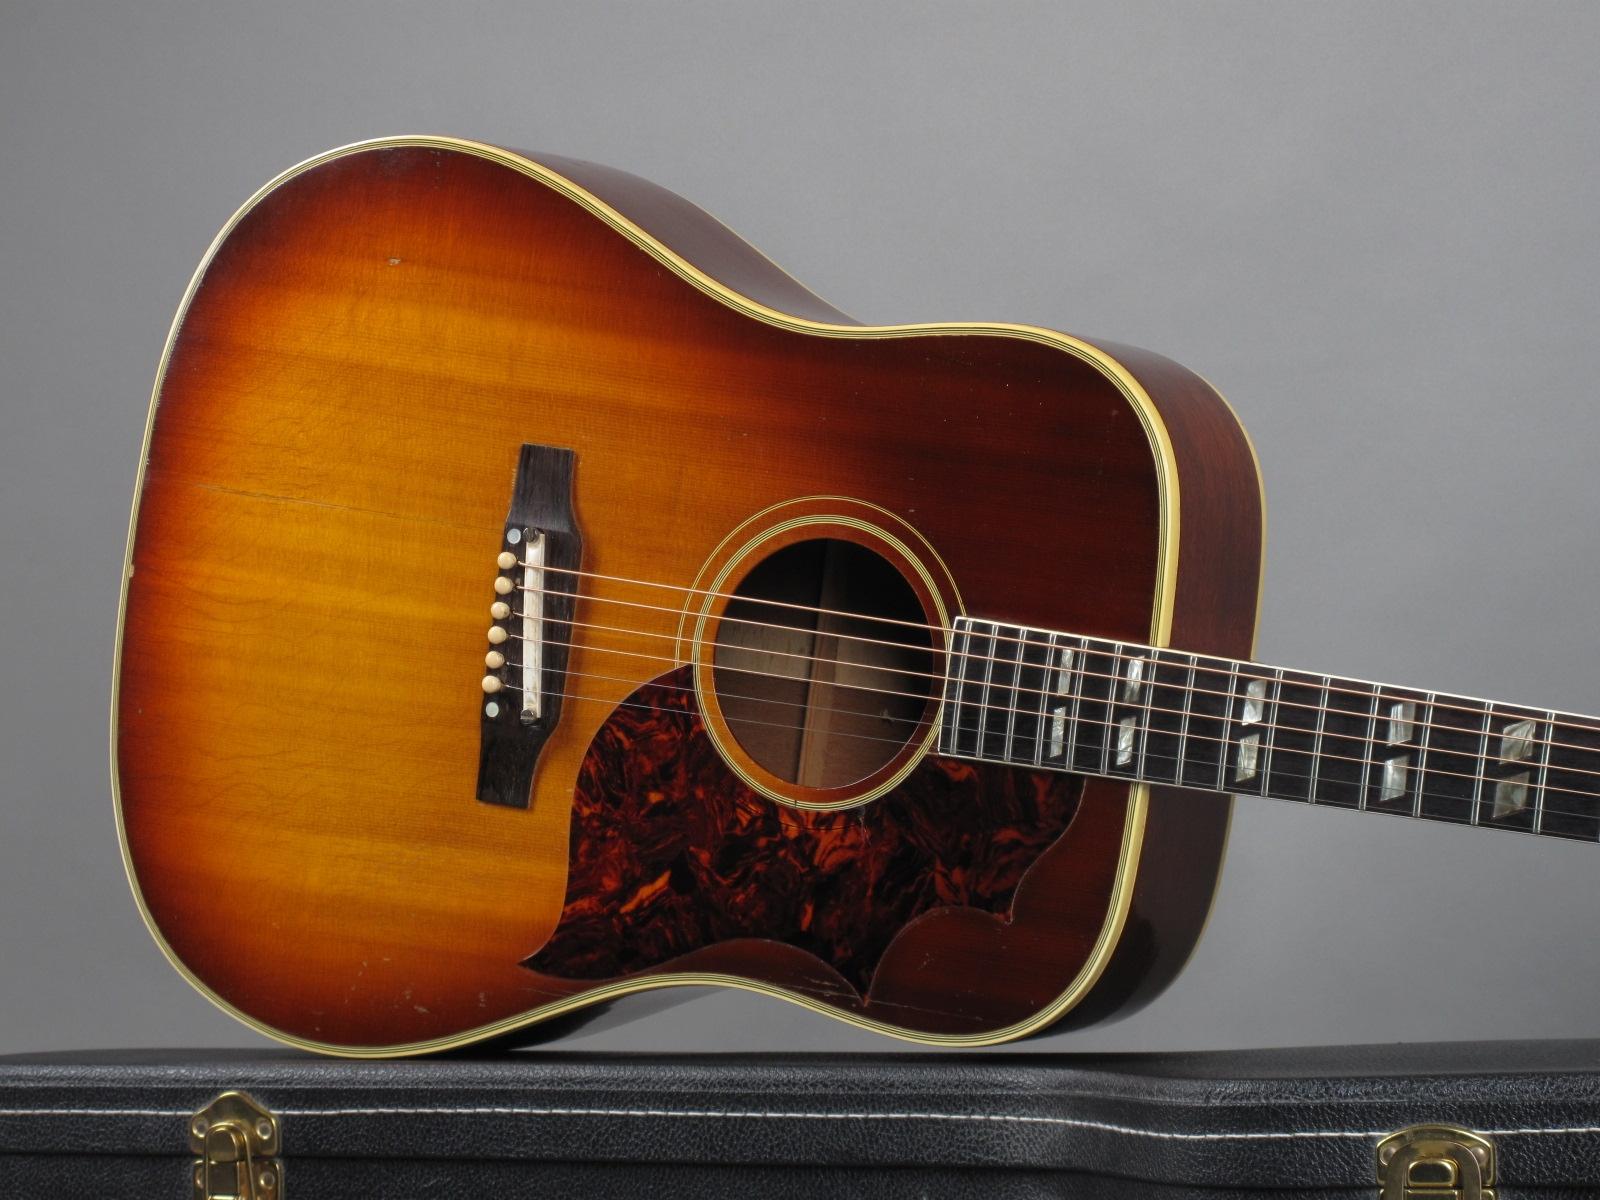 https://guitarpoint.de/app/uploads/products/1965-gibson-southern-jumbo-sunburst/1965-Gibson-SJ-Sunburst-317762-19.jpg